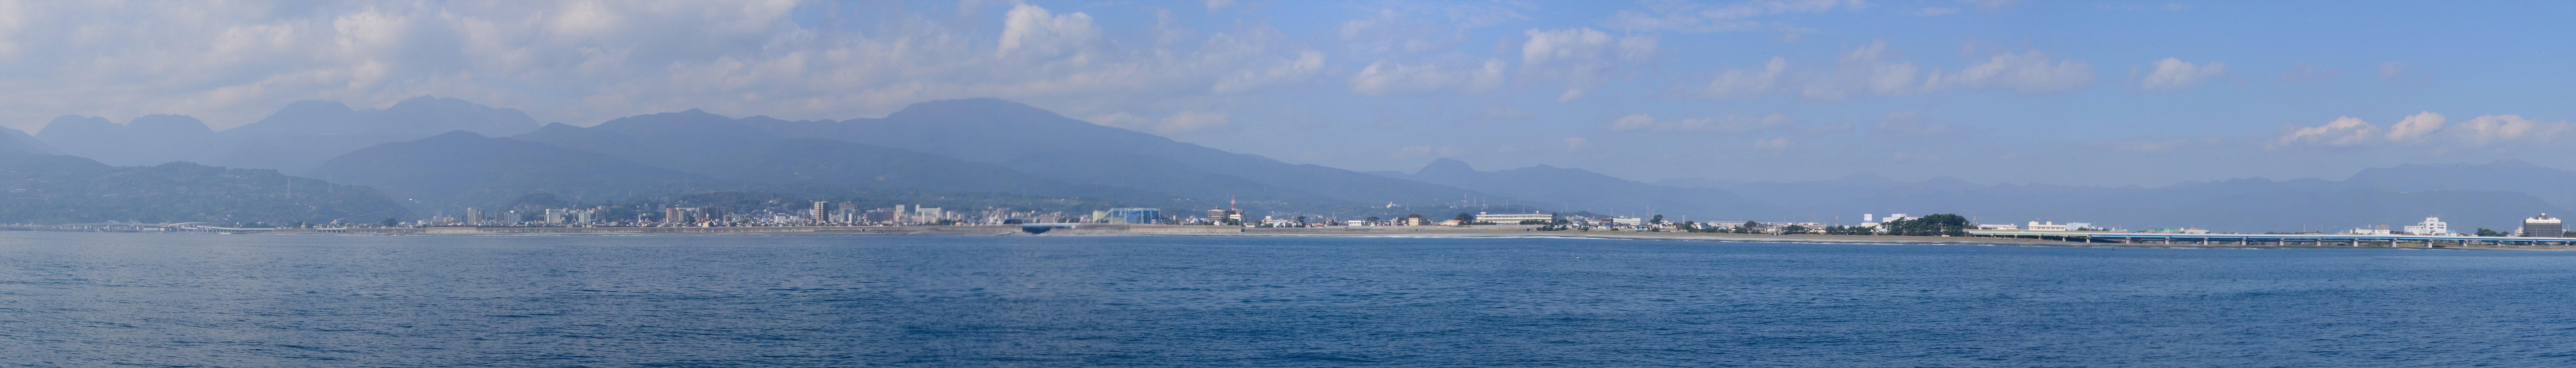 海から見た小田原(早川から酒匂川まで)